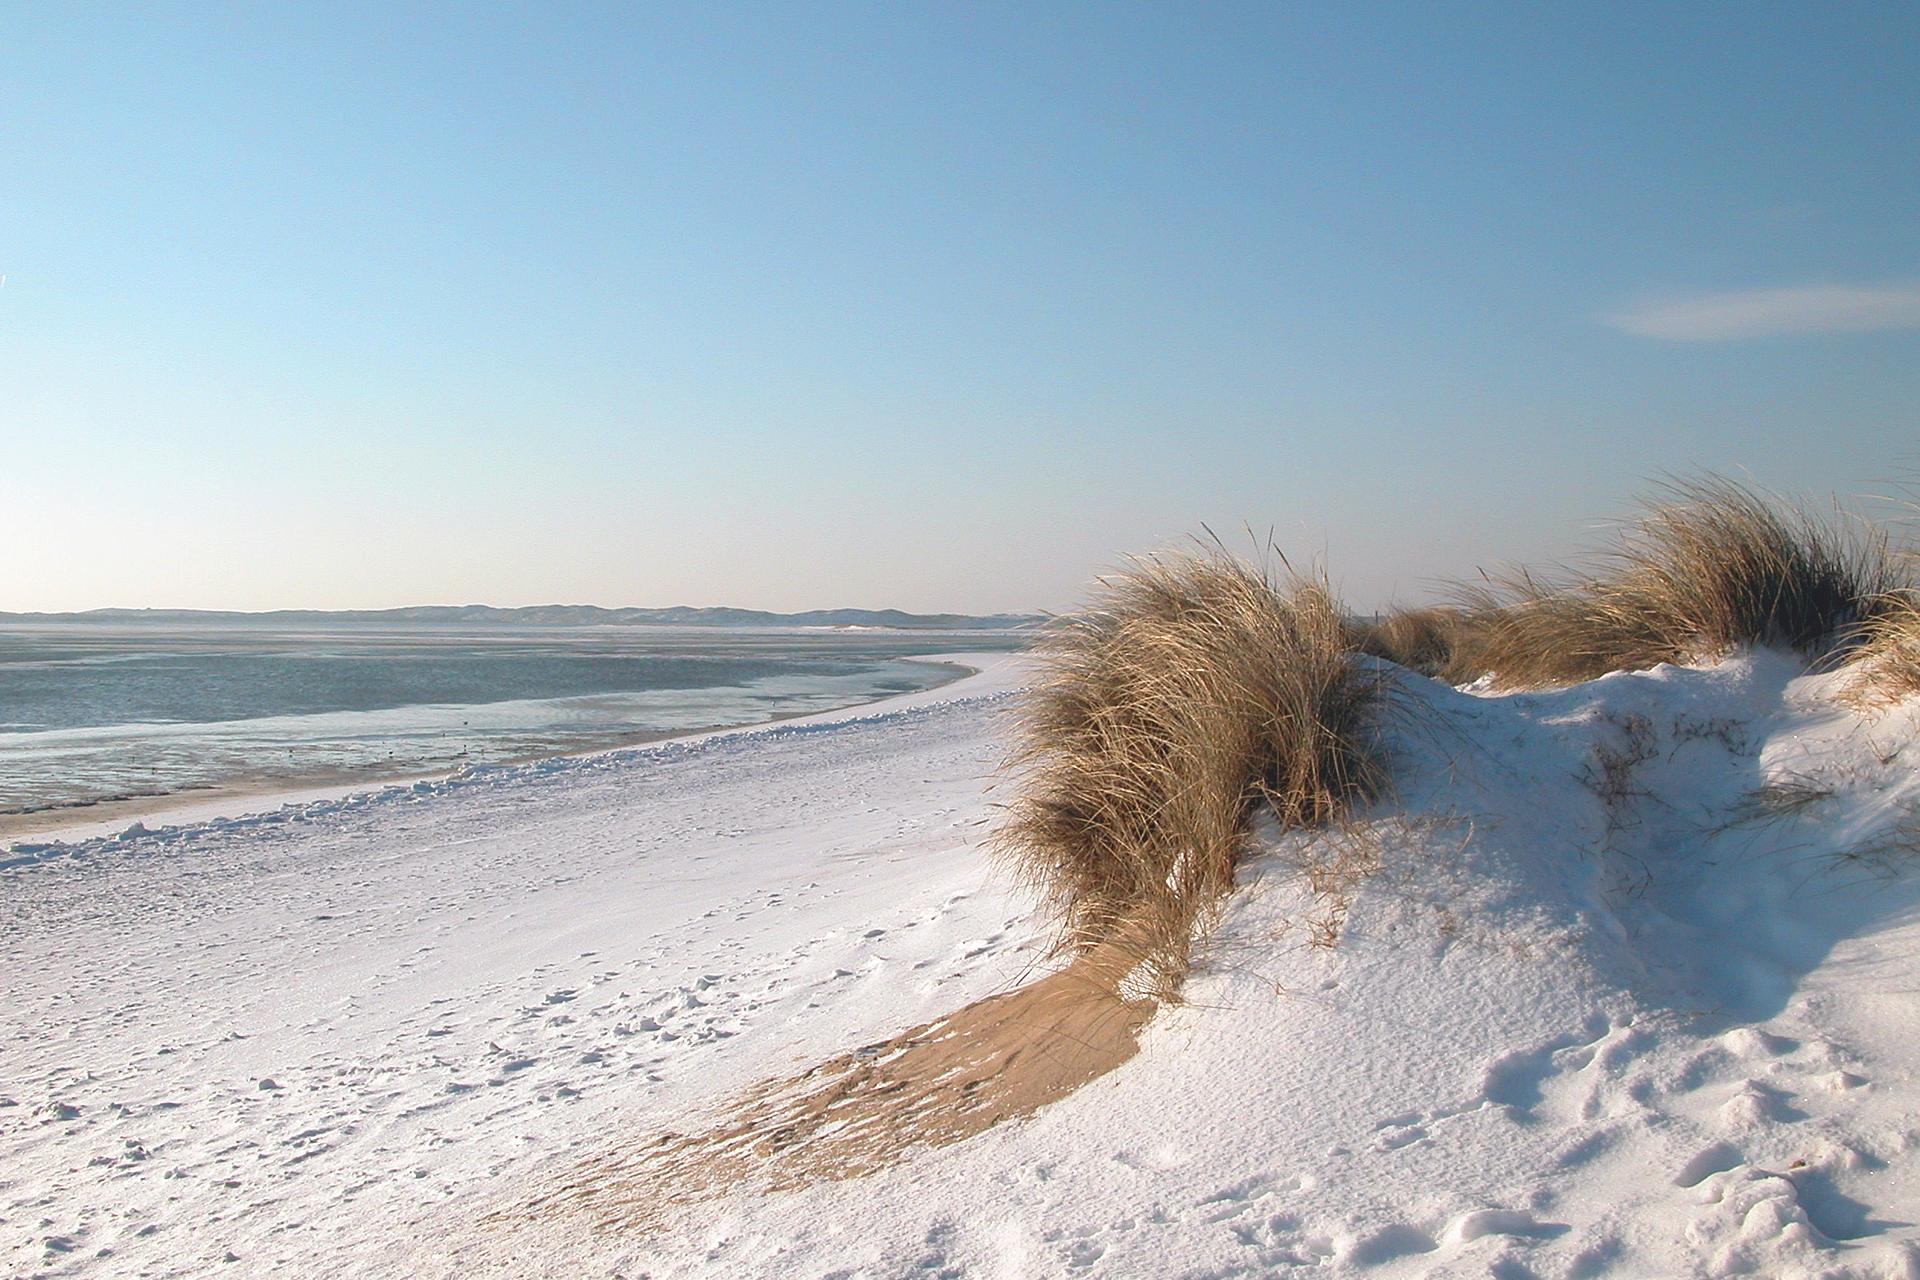 Angebot Wintervergnügen auf Sylt im Wyn Strandhotel Sylt